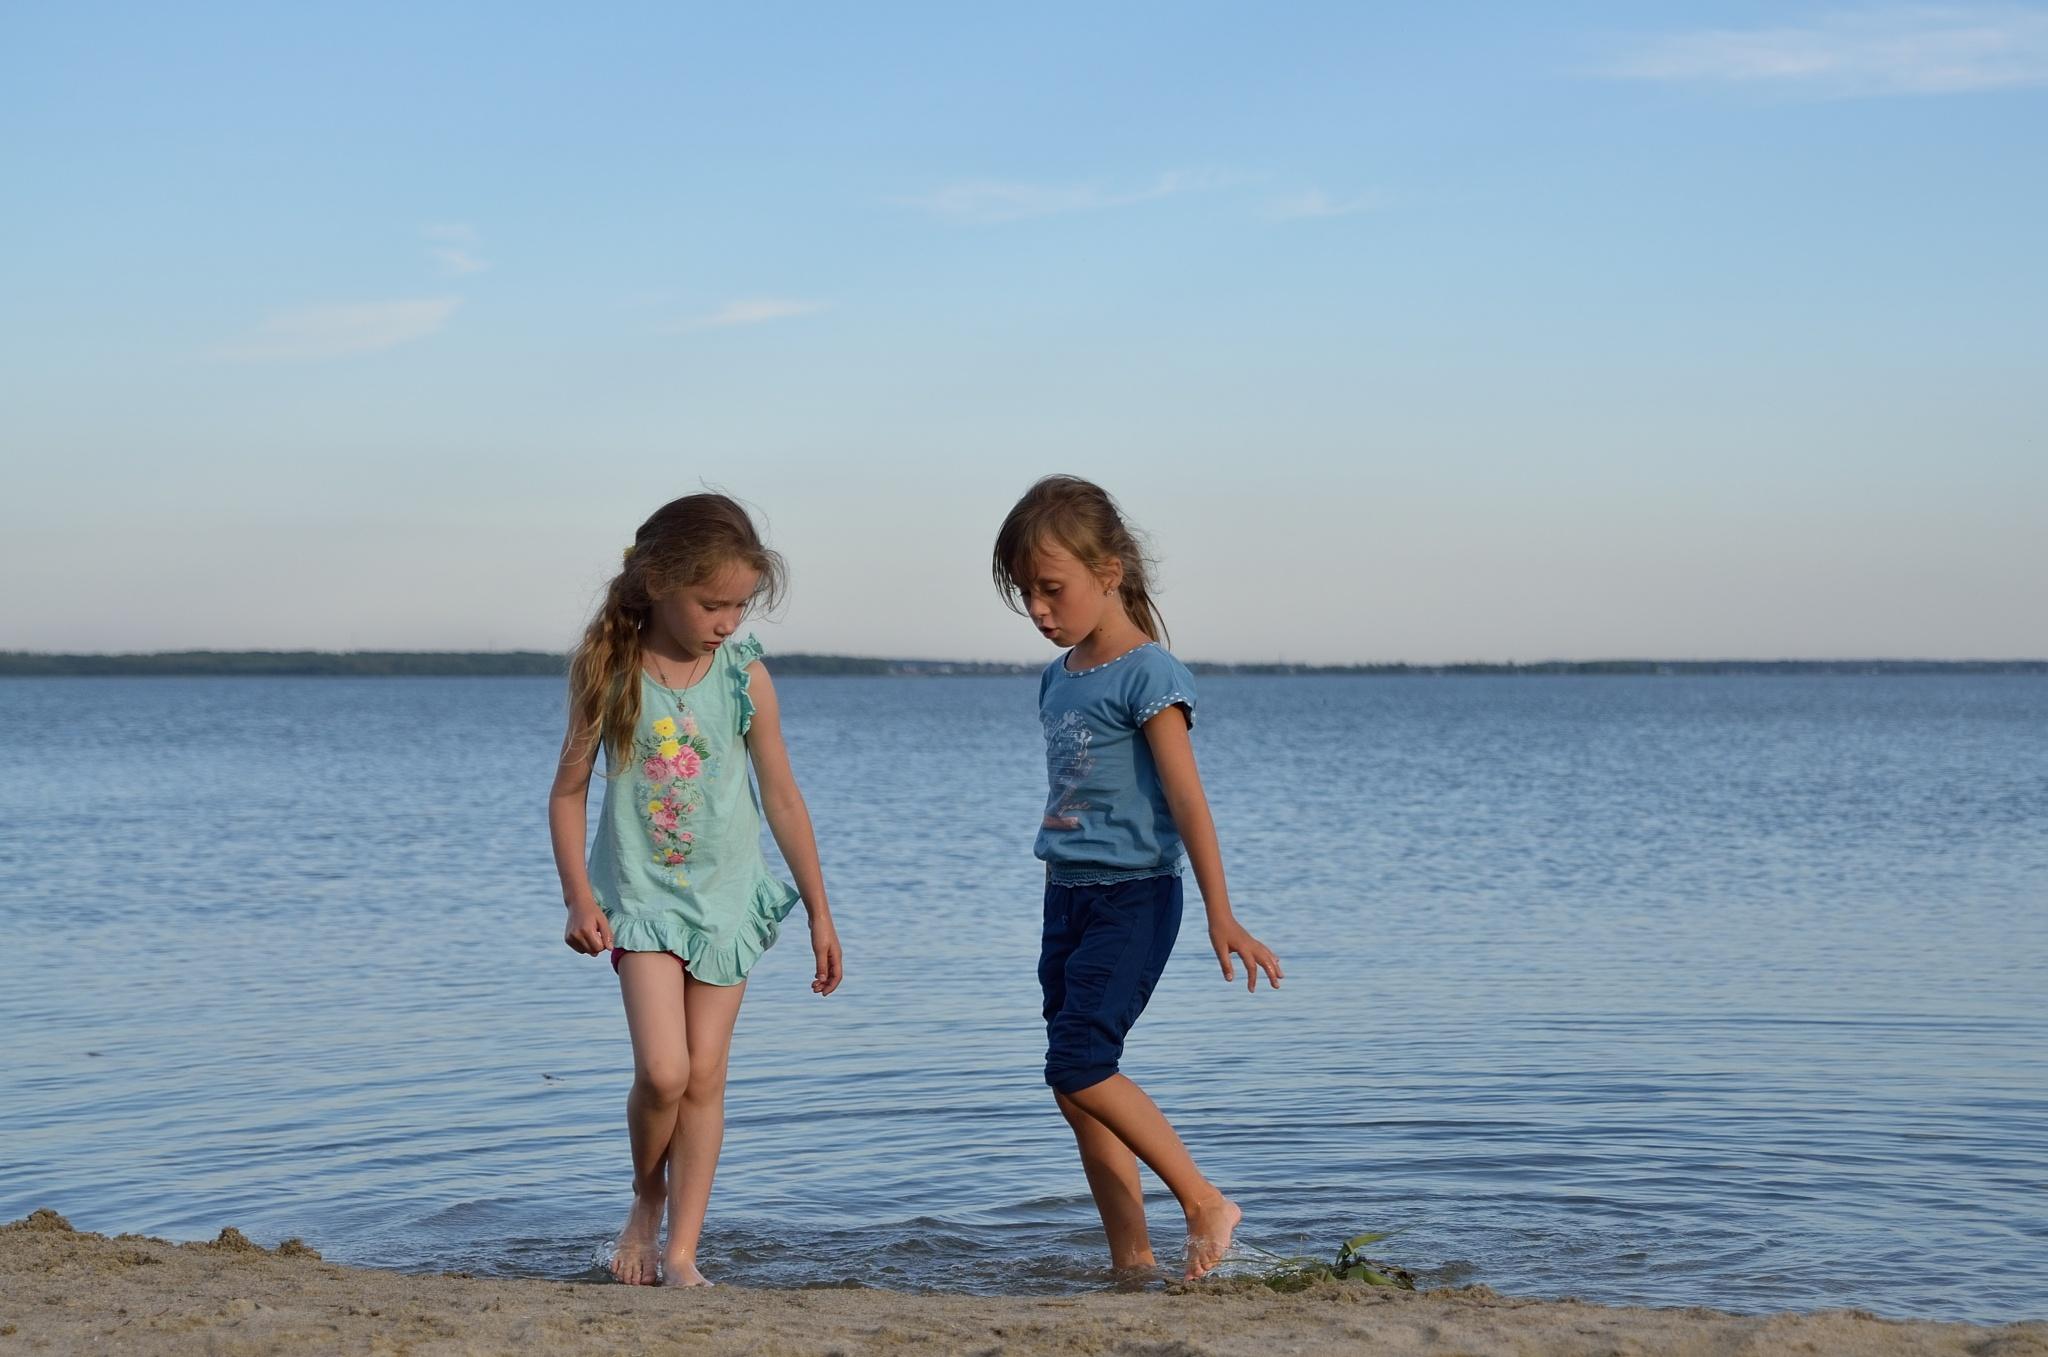 Летний вечер на озере Смолино by silvio55